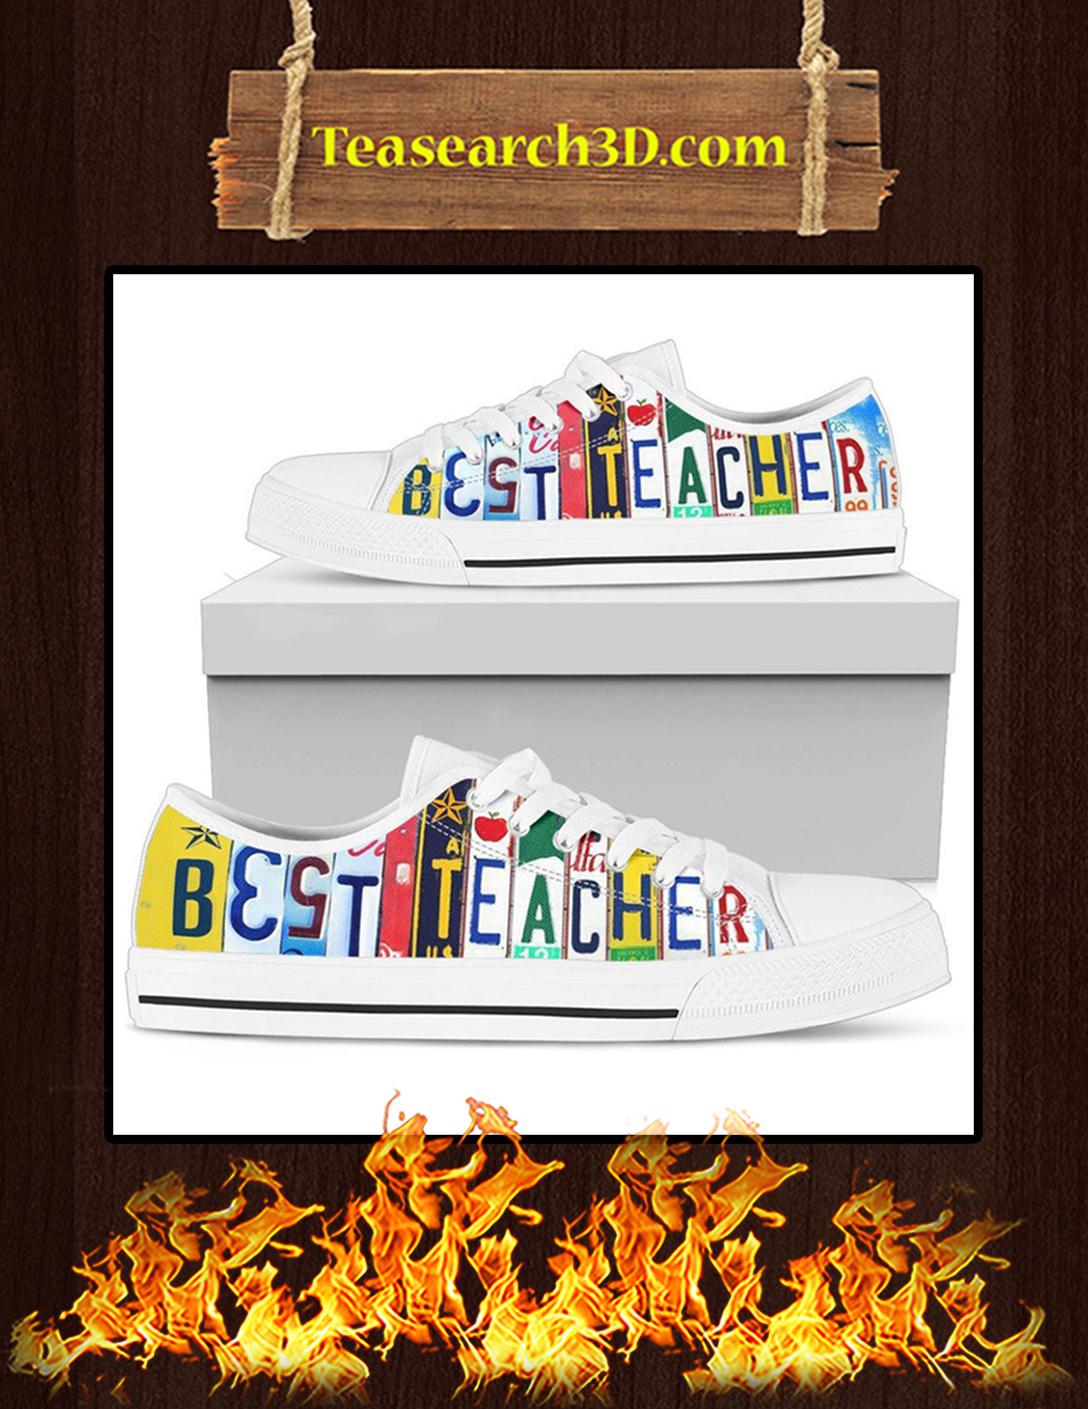 Best Teacher Low Top Shoes Pic 2